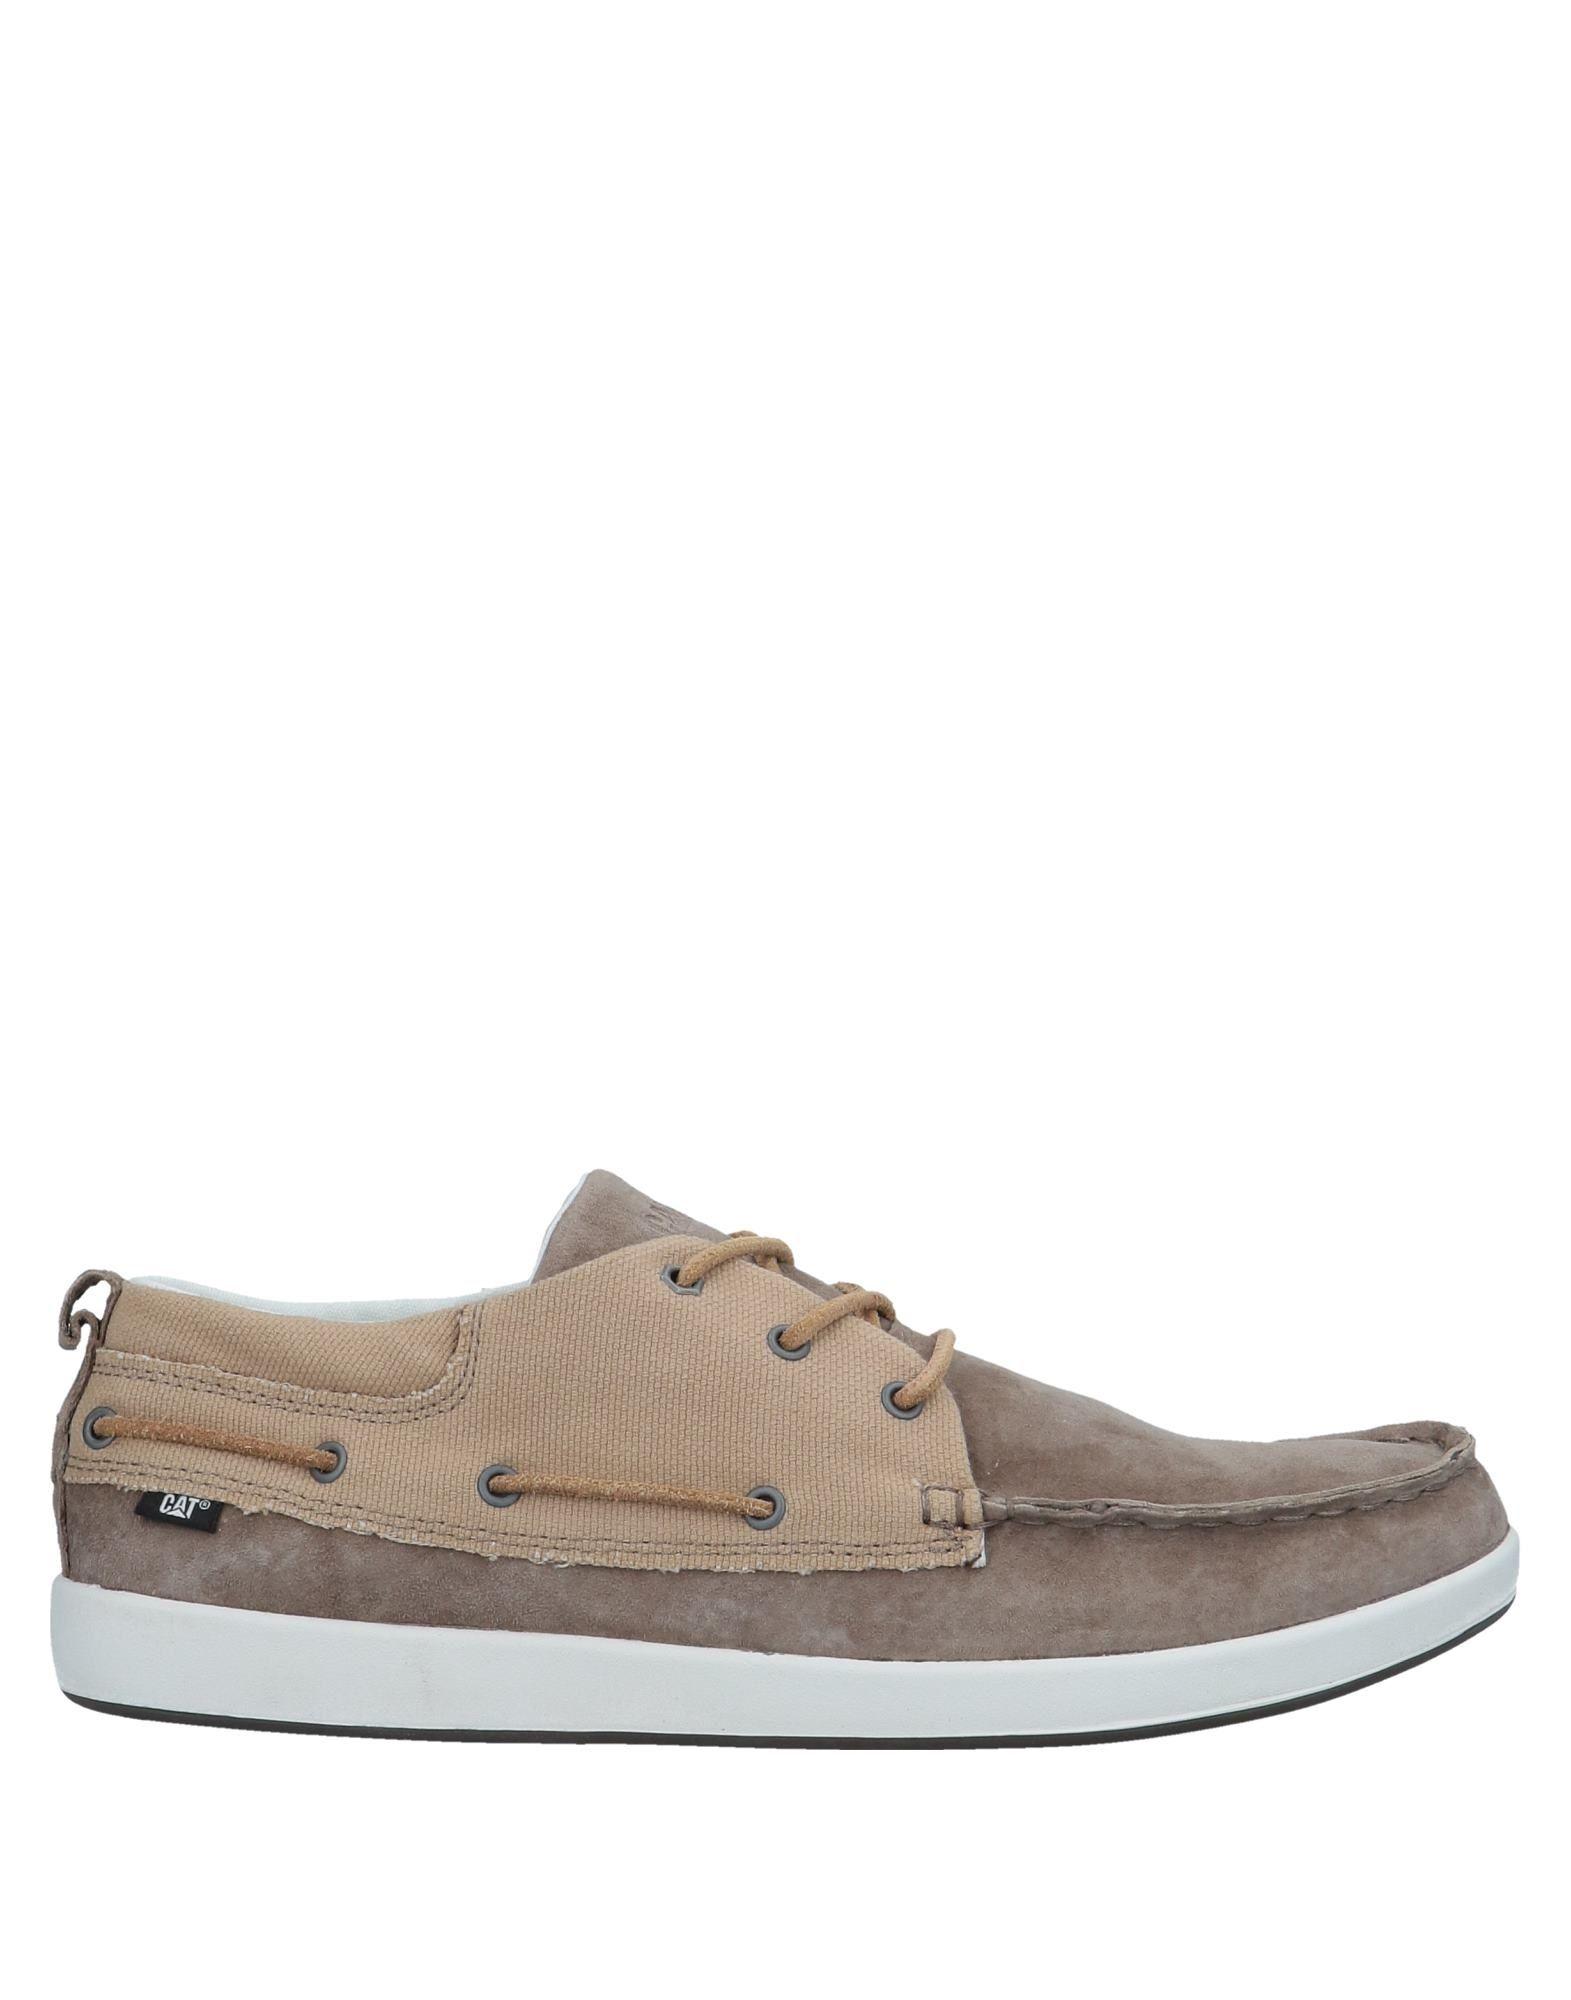 Cat Sneakers  - Men Cat Sneakers online on  Sneakers Canada - 11560778LA 47d53c